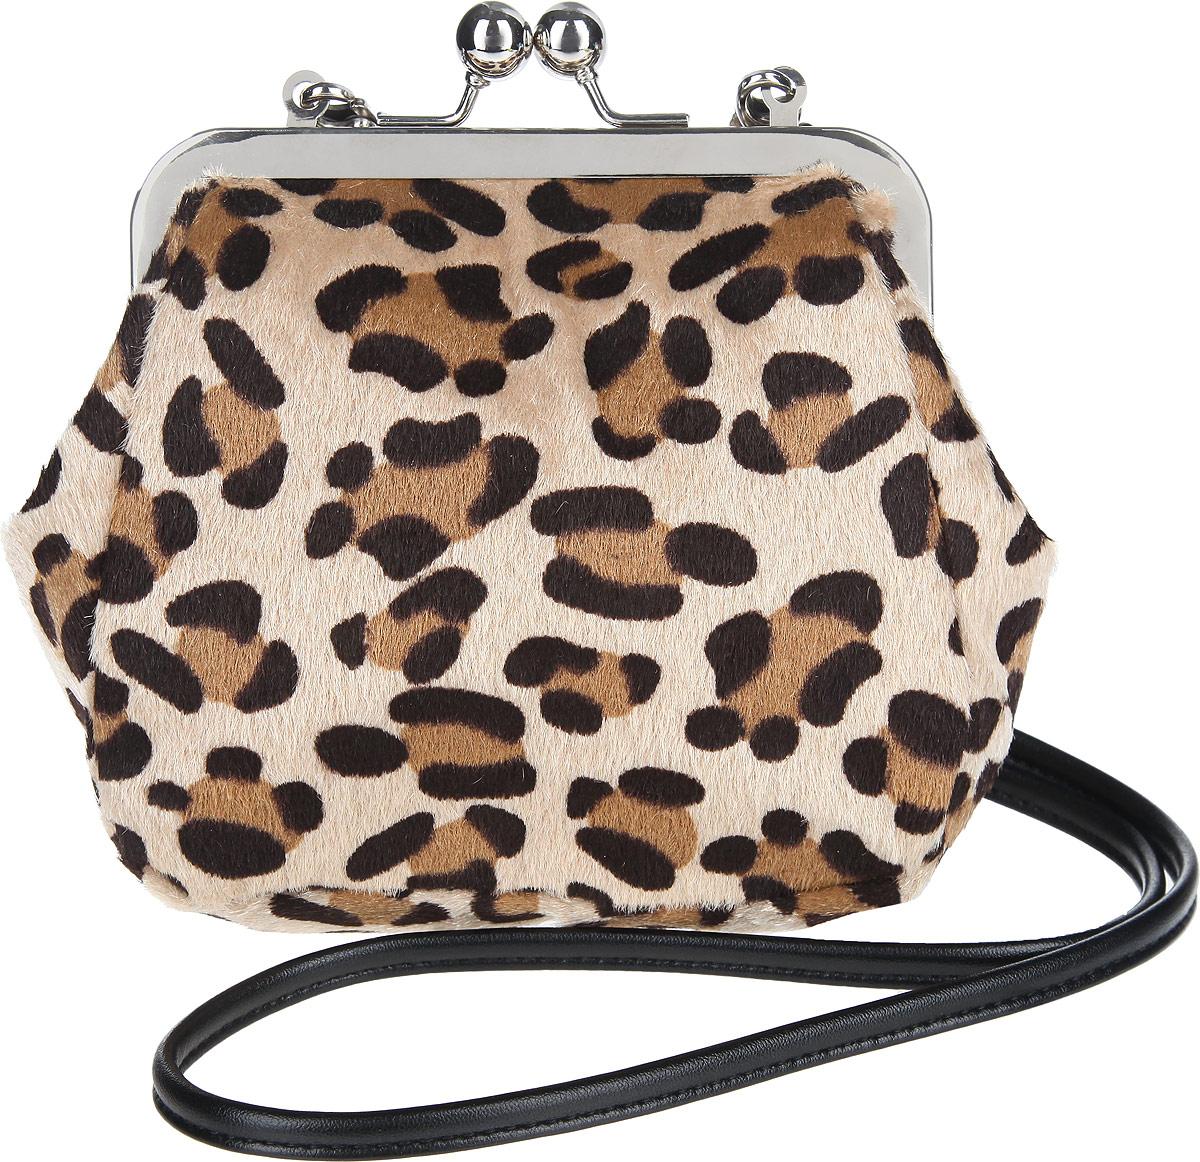 Сумка женская Antan, цвет: черный. 9-5S76245Стильная сумочка Antan изготовлена из искусственной кожи и меха, оформлена леопардовым принтом.Изделие содержит одно отделение, закрывающееся на рамочный замок. Сумка оснащена съемным плечевым ремнем.Оригинальный аксессуар позволит вам завершить образ и быть неотразимой.